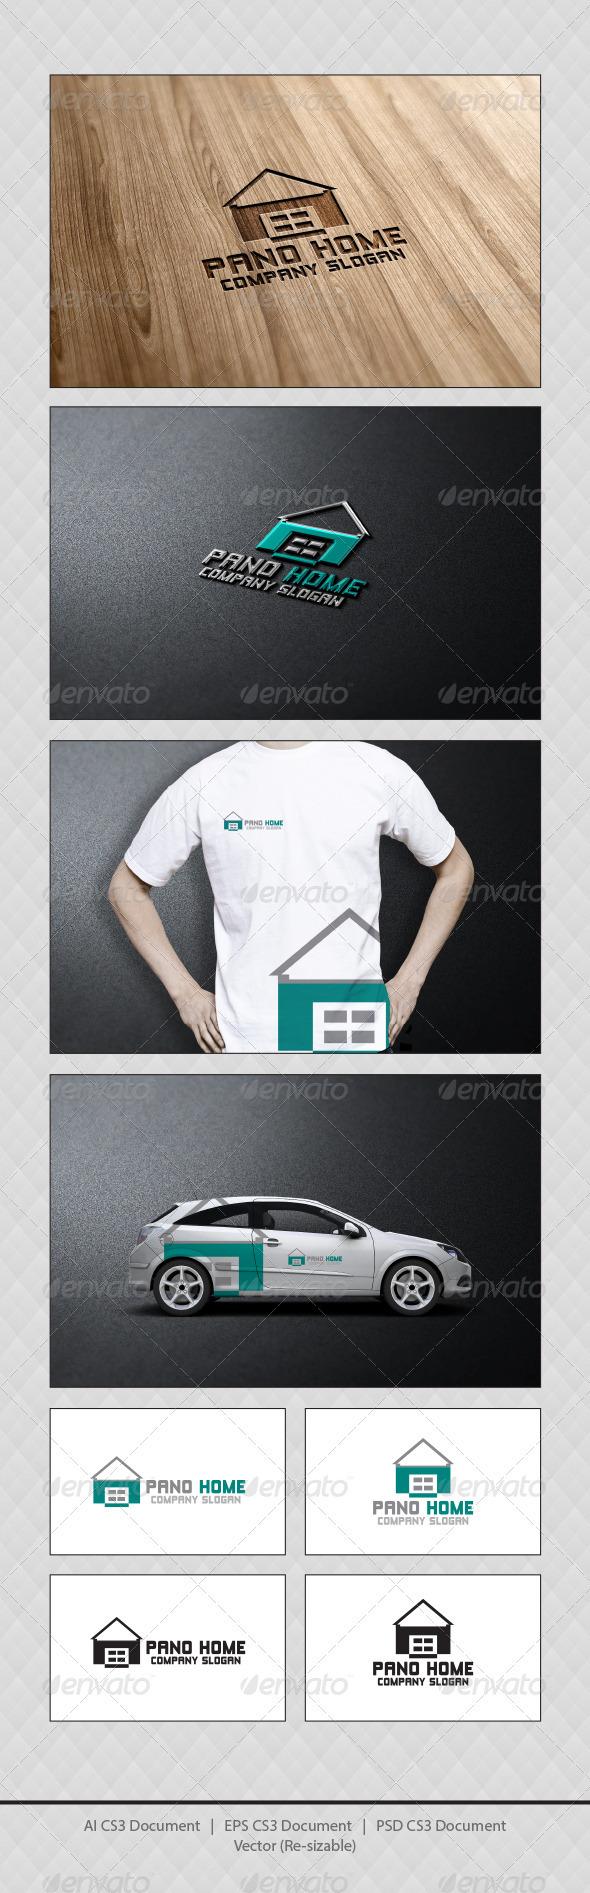 GraphicRiver Pano Home Logo Templates 3921658